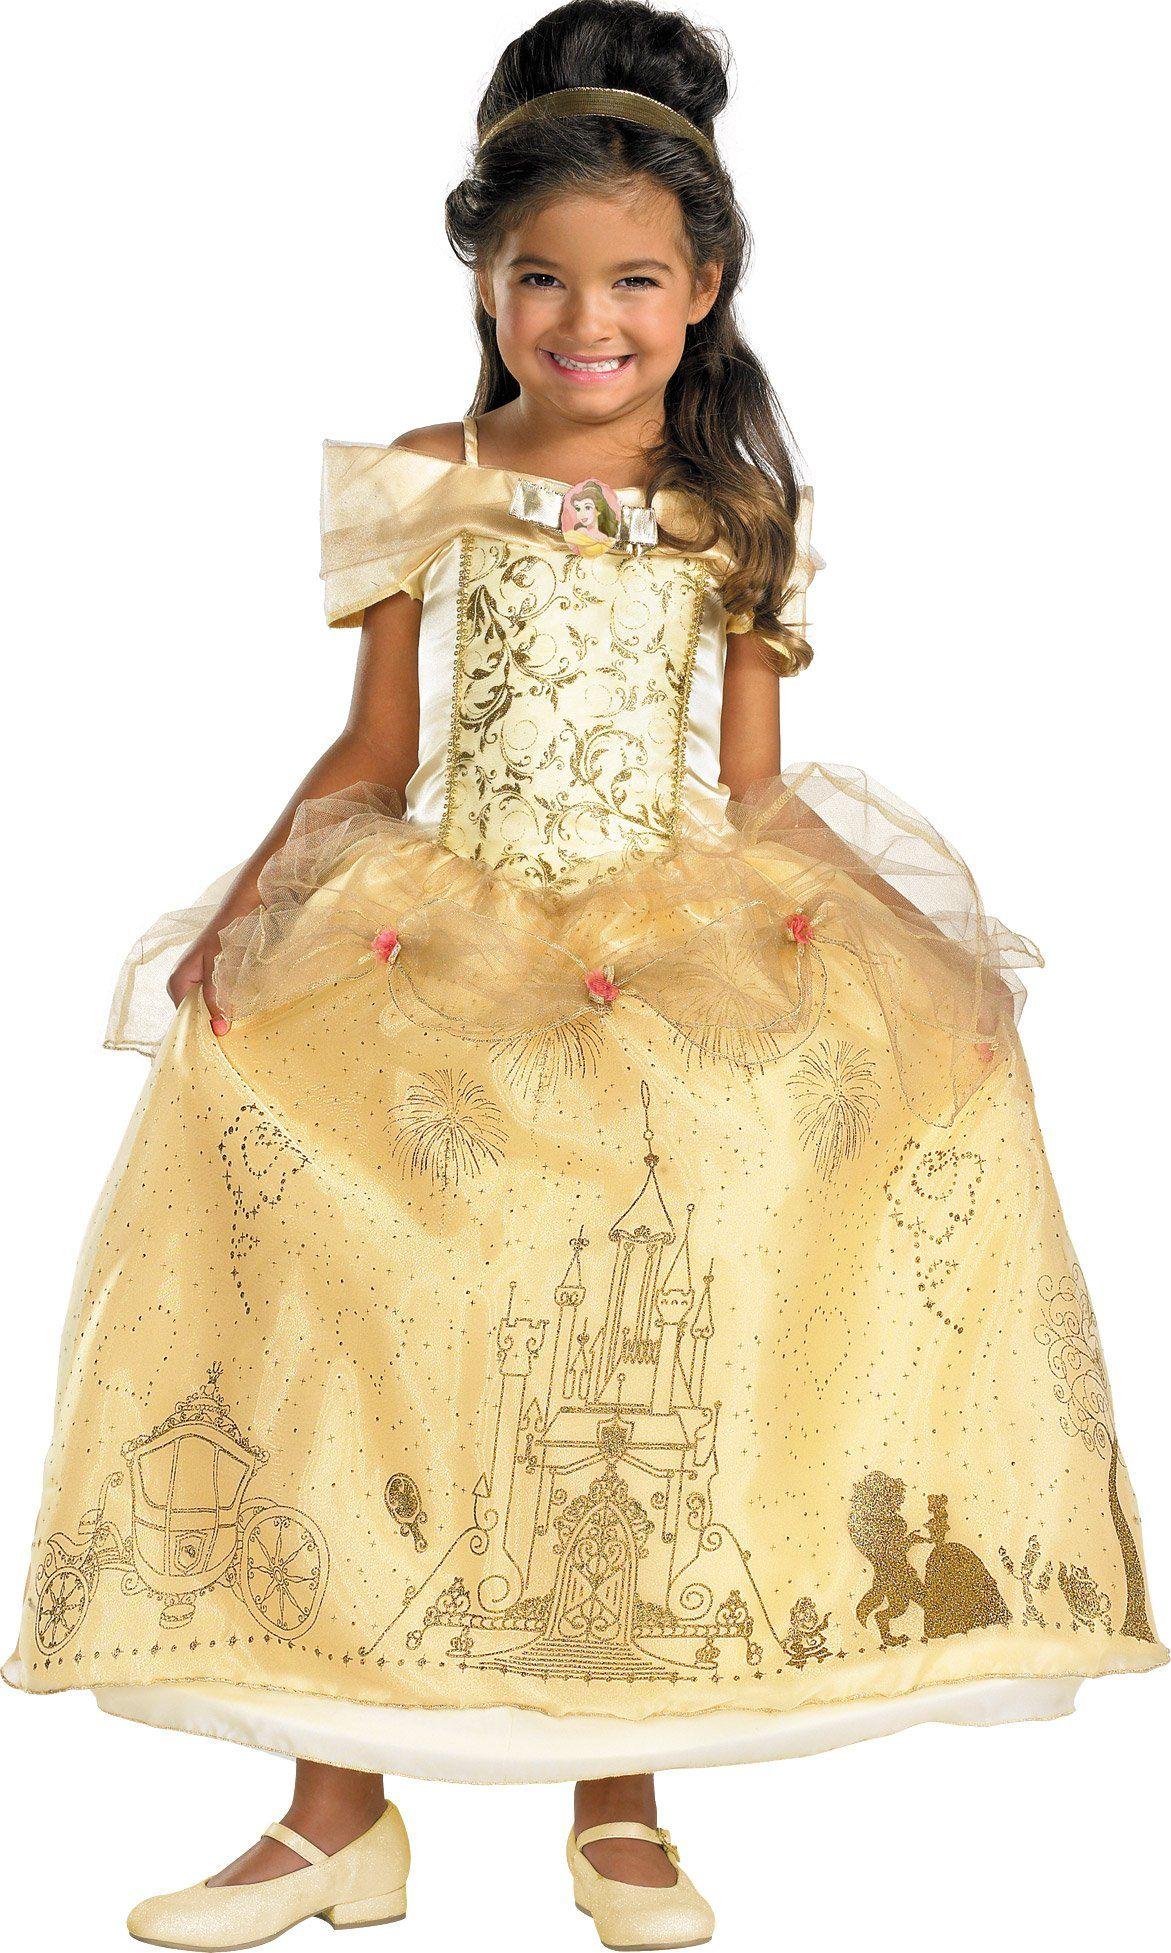 Disney Storybook Belle Prestige Toddler / Child Costume | Toddler ...